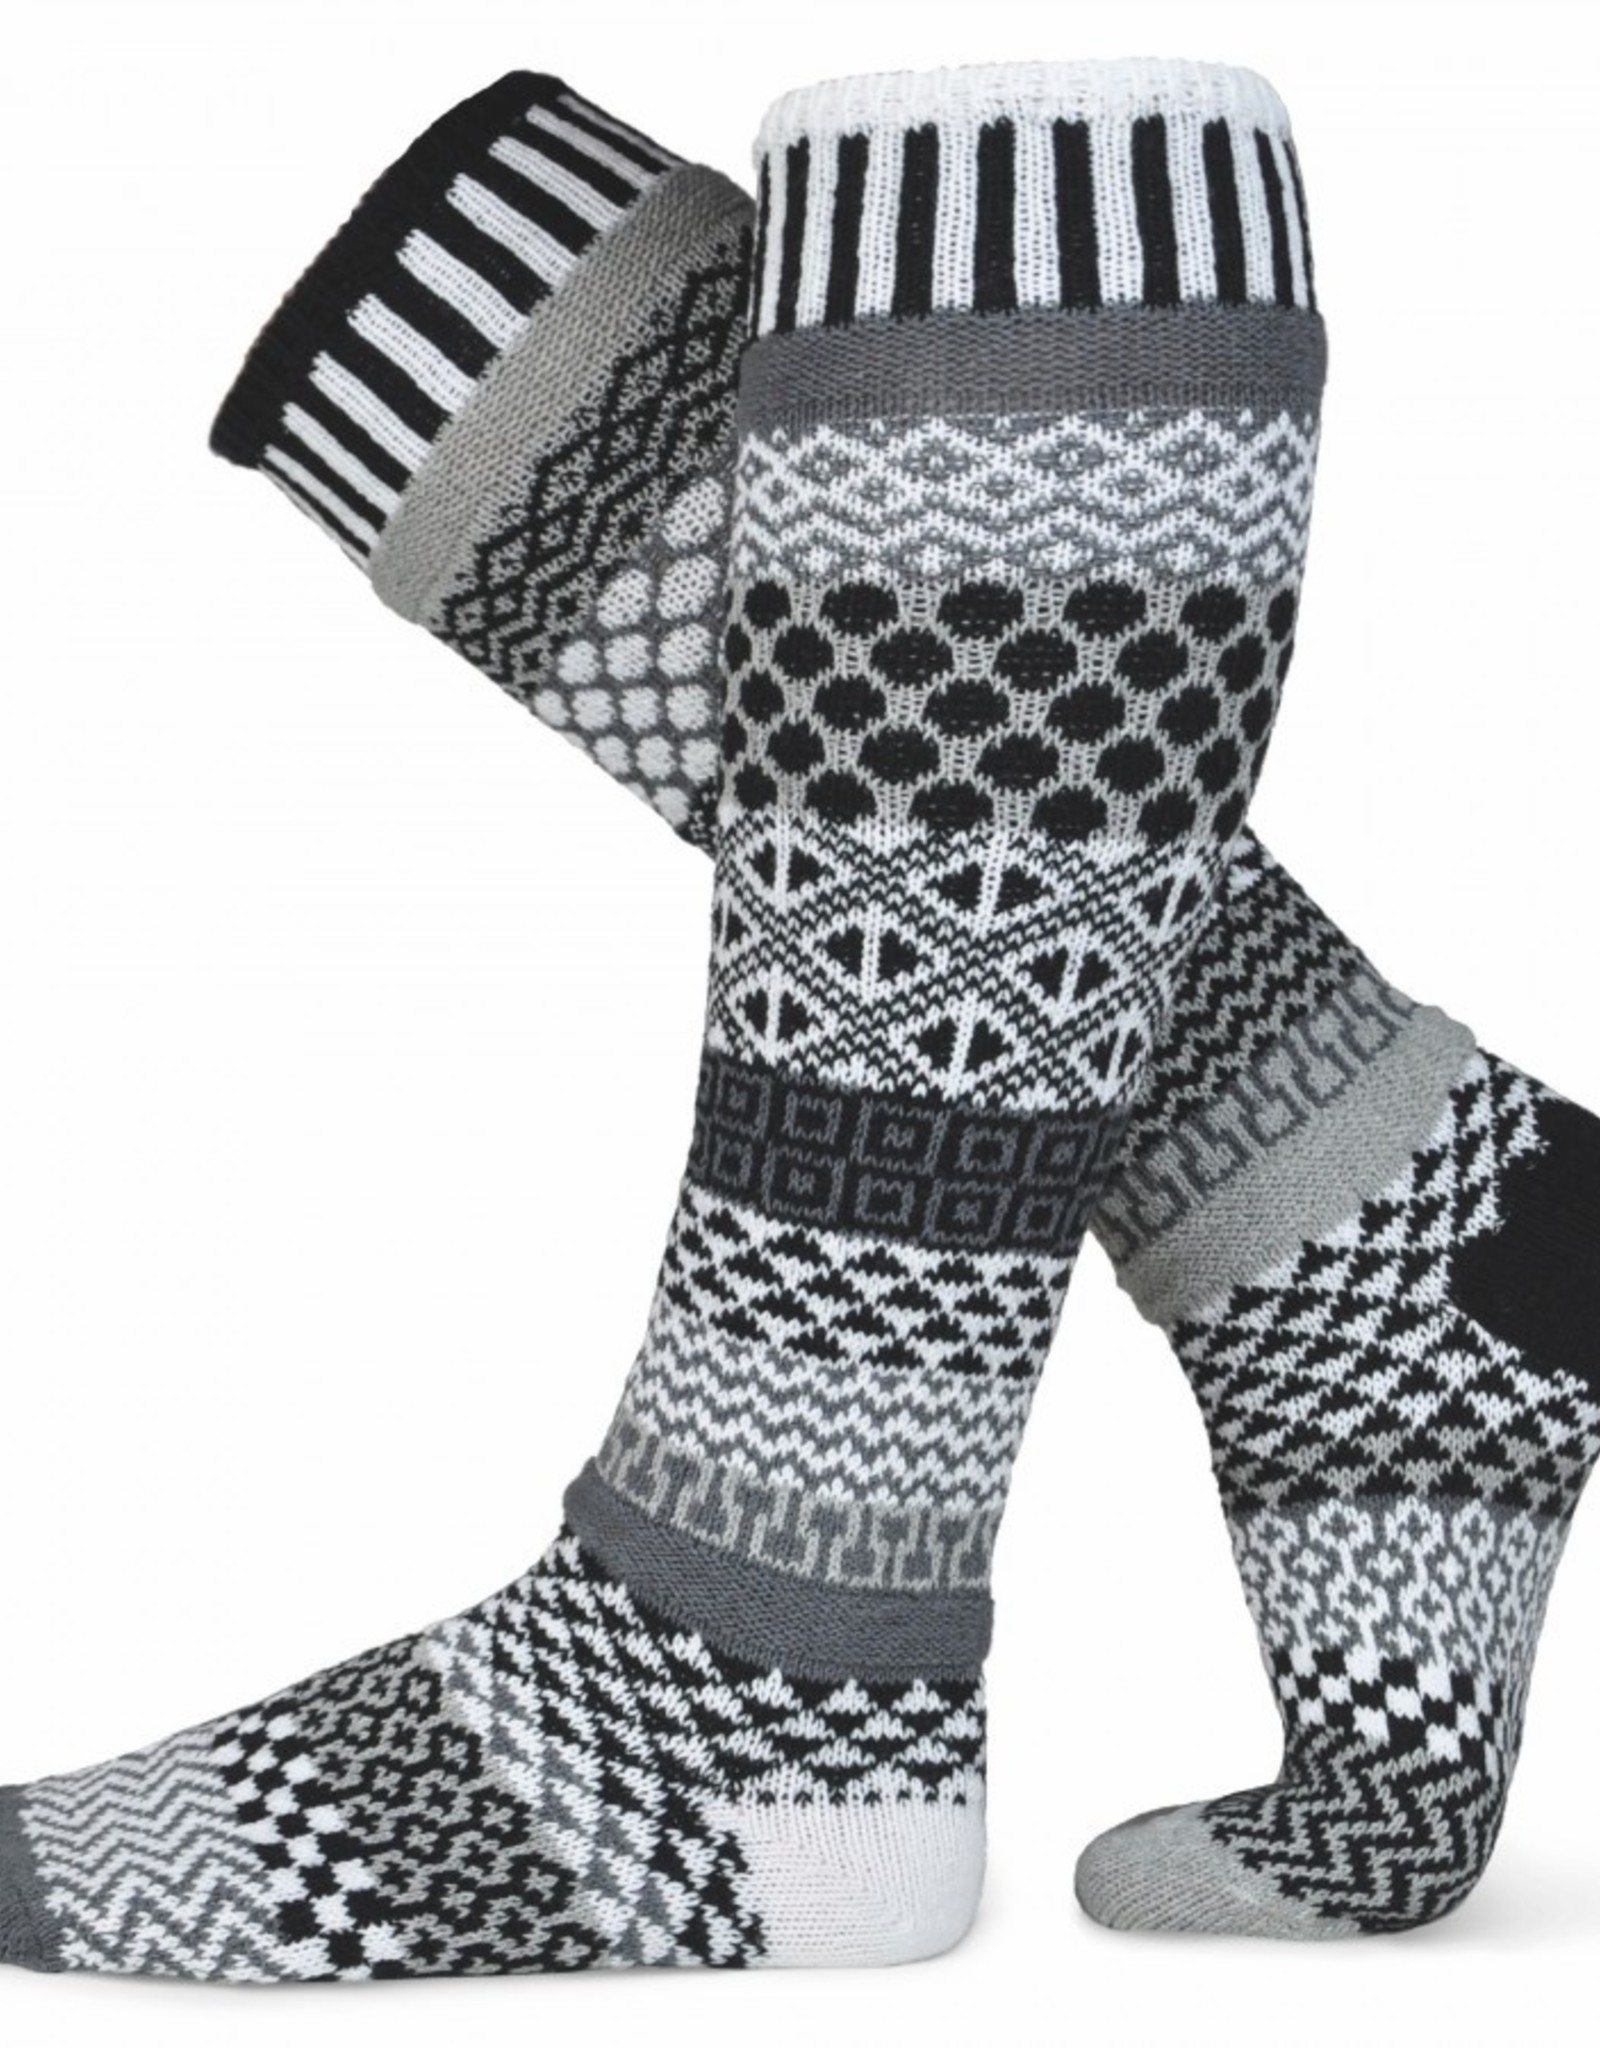 Solmate Knee High Socks